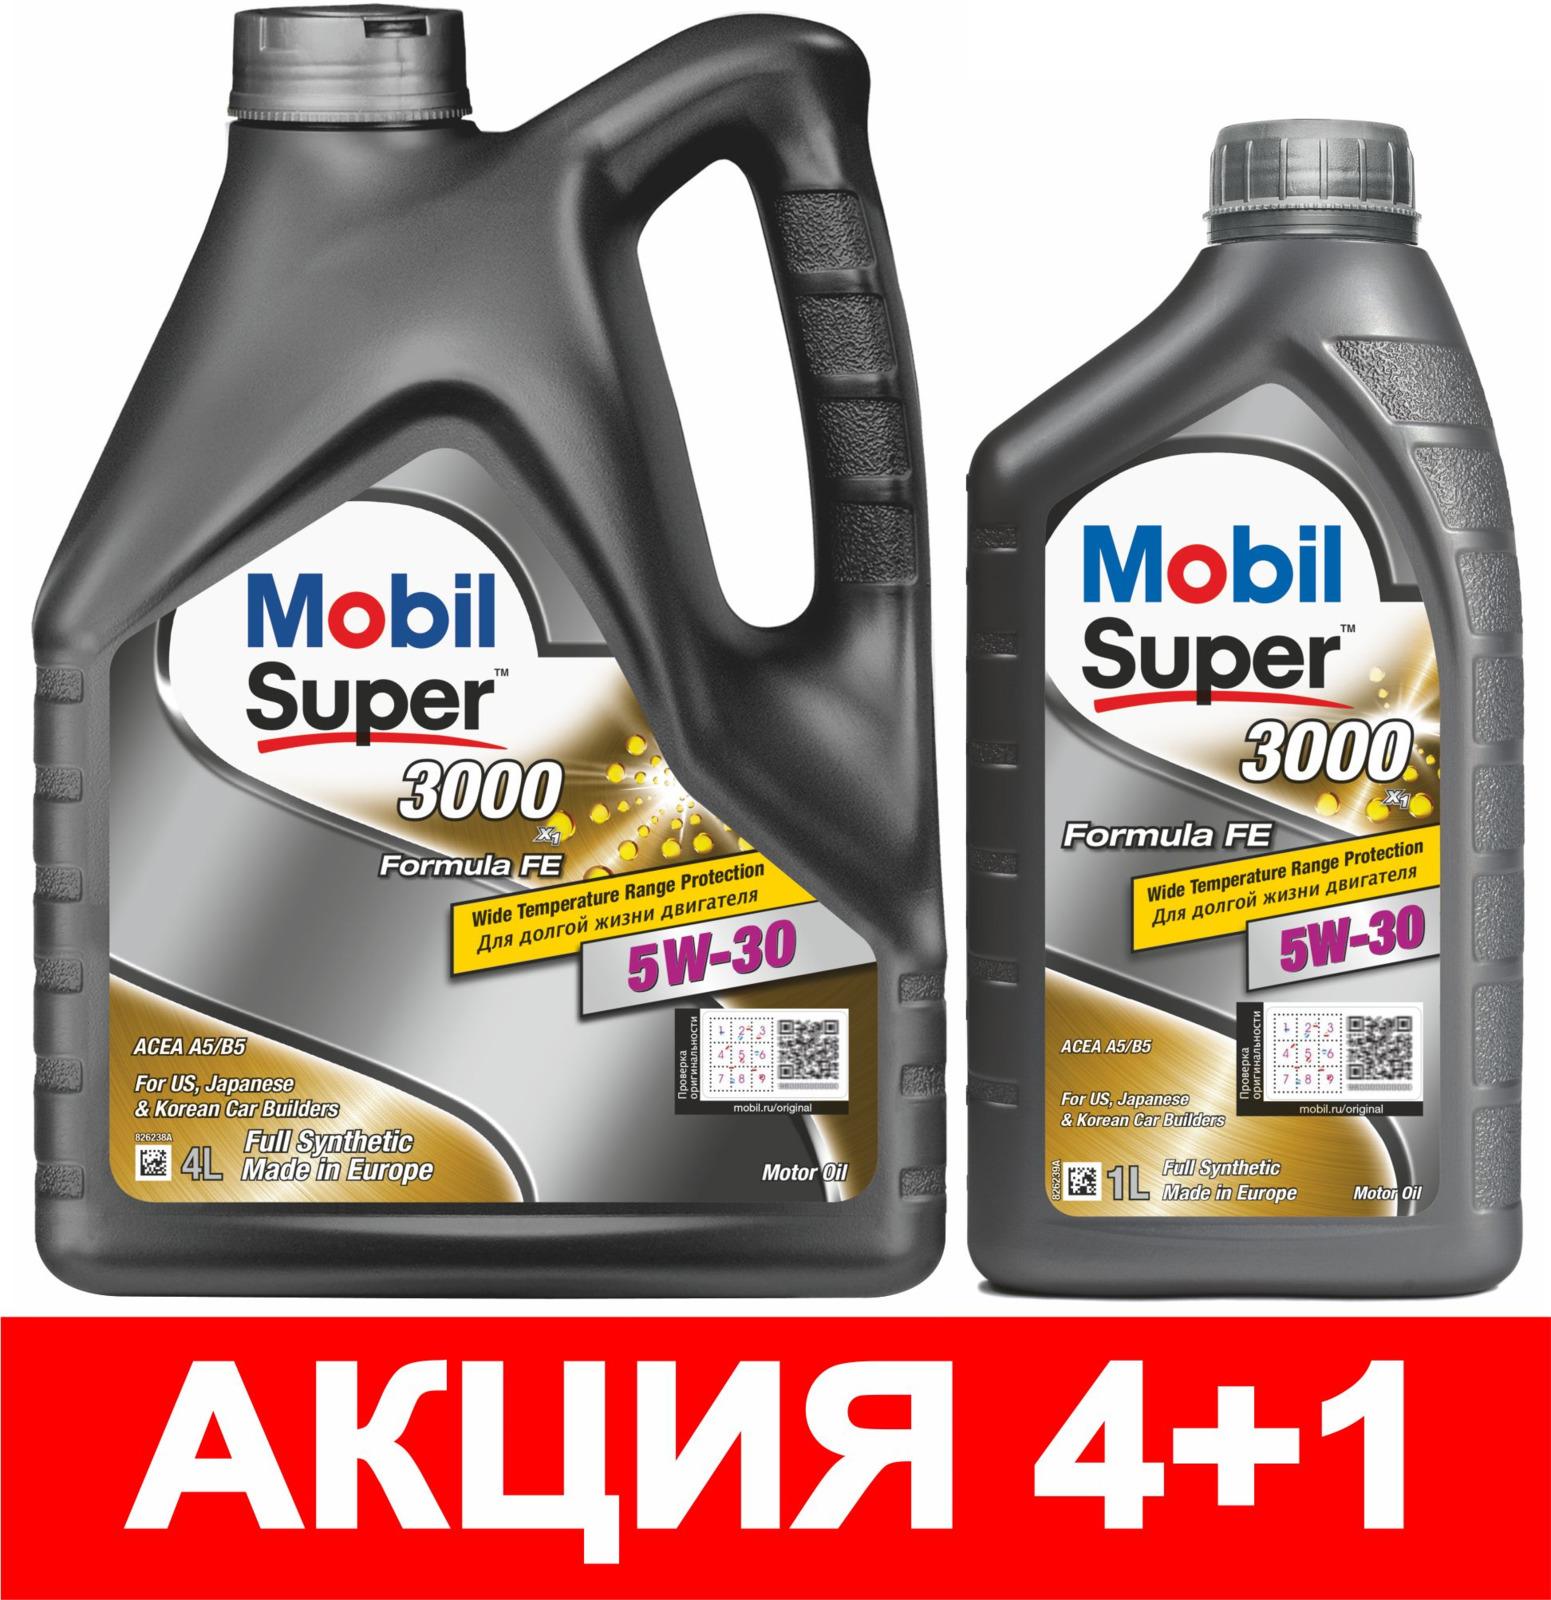 Масло моторноеMobil Super 3000 Х1 Formula FE, синтетическое, 5W-30, 4+1 л цена